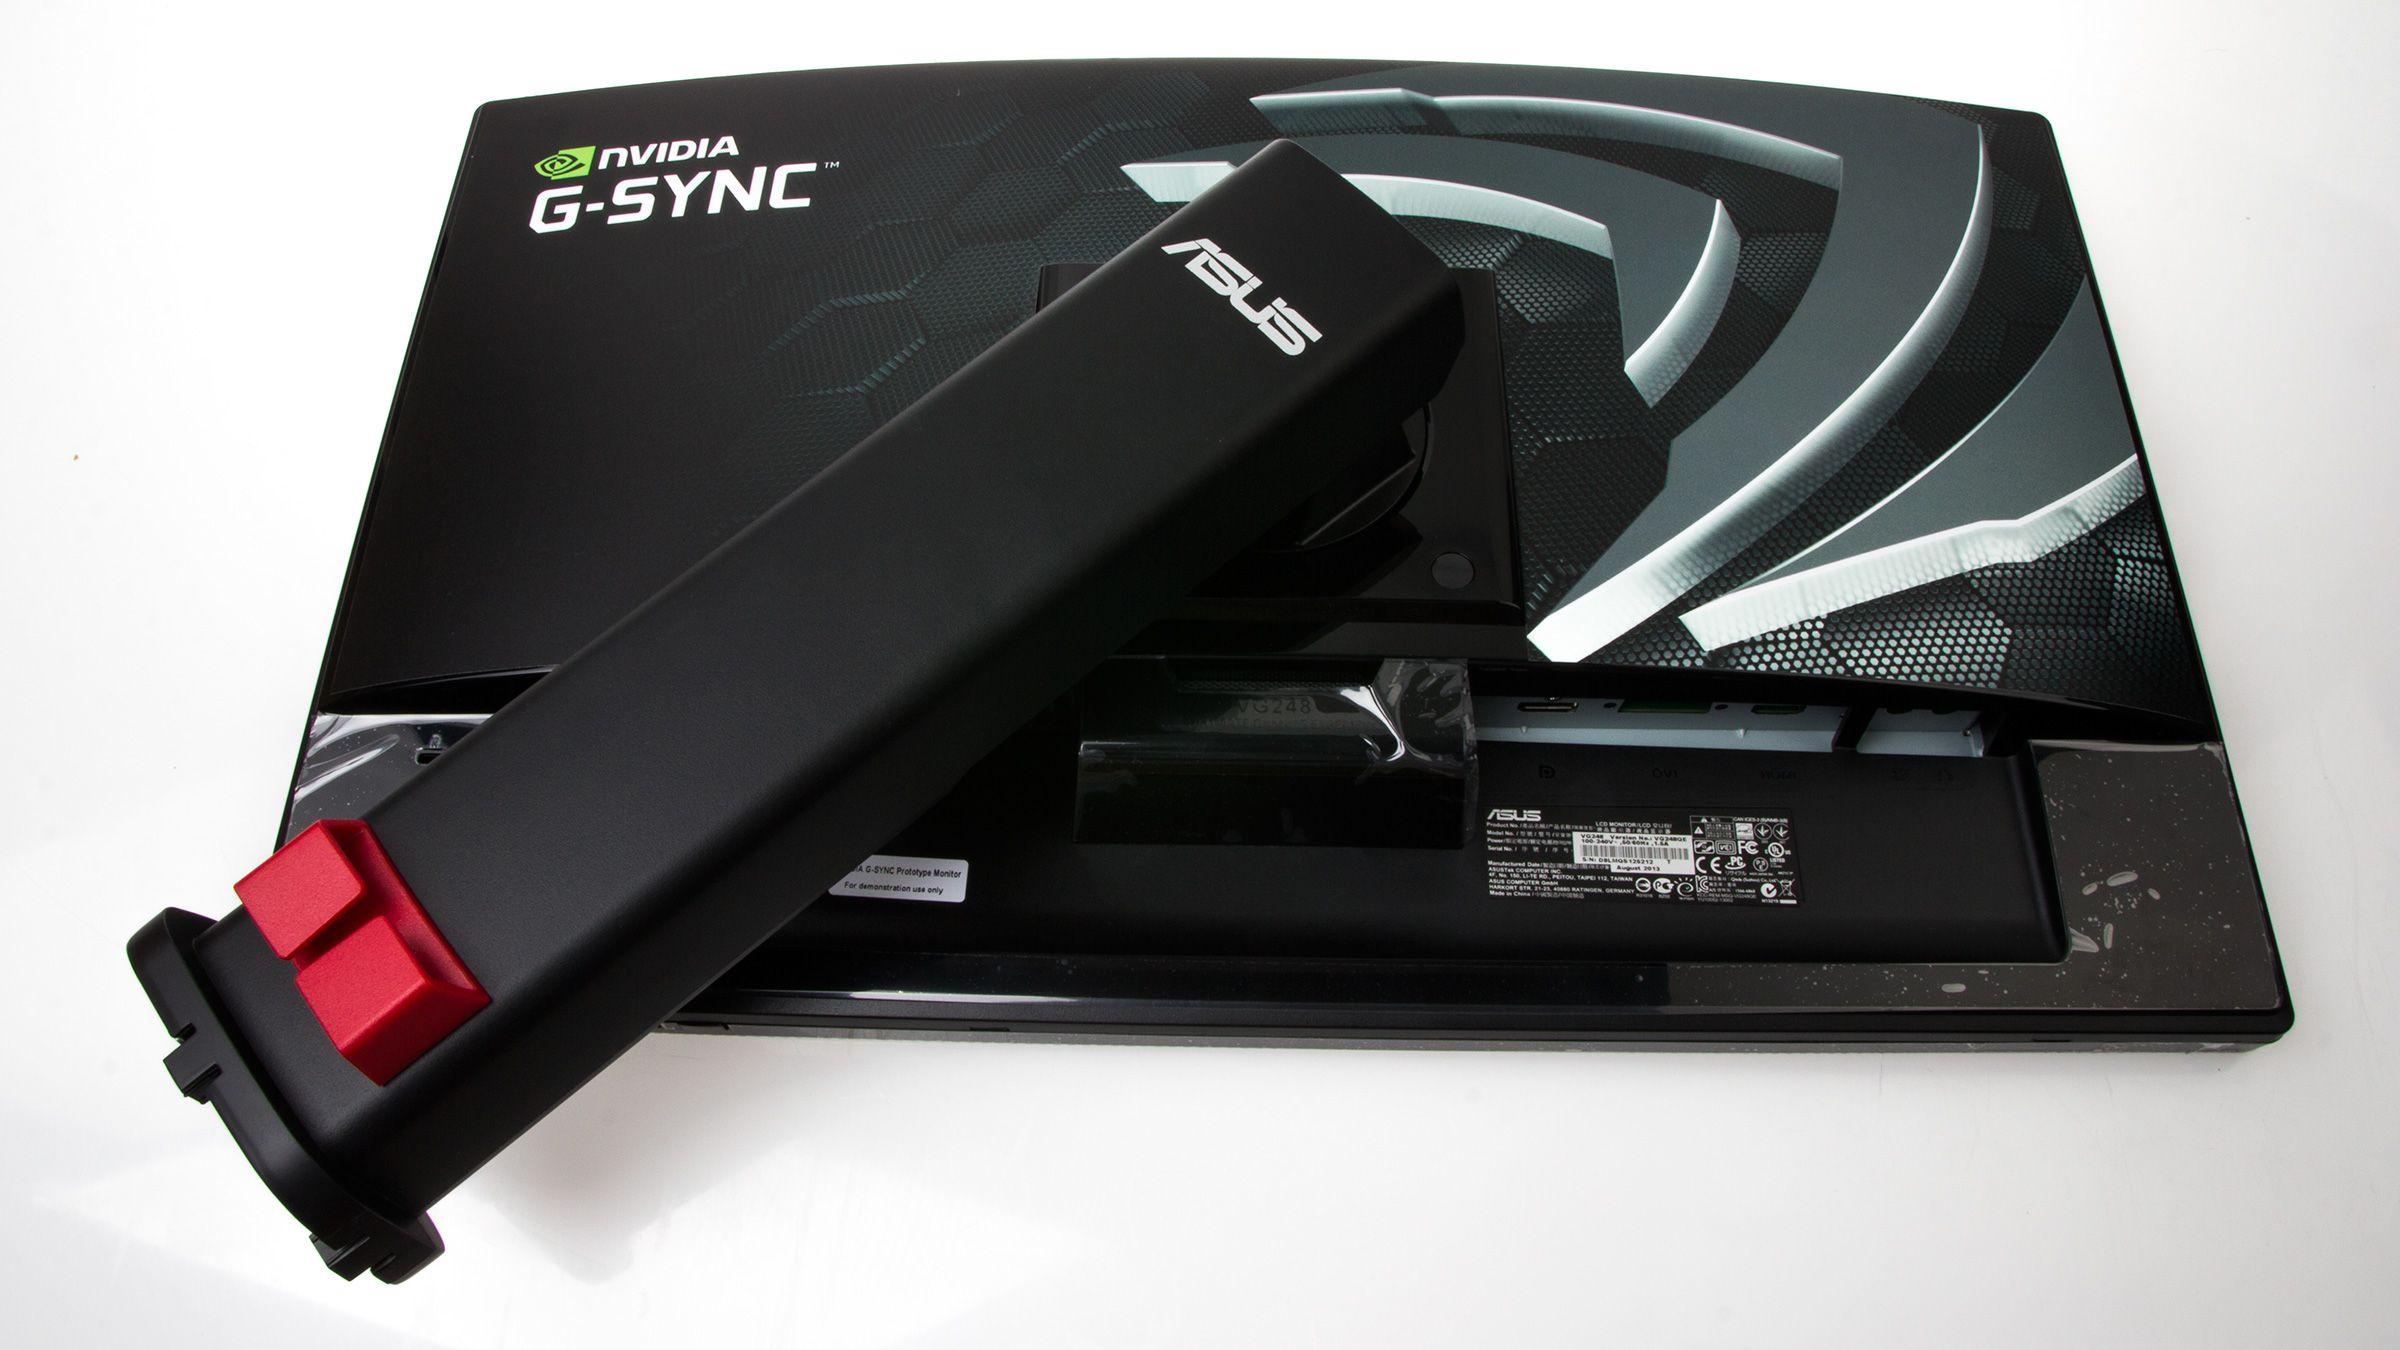 Som dere ser på de manglende DVI- og HDMI-inngangene er dette ikke en av de ferdige produksjonsmodellene som kommer for salg.Foto: Varg Aamo, Hardware.no